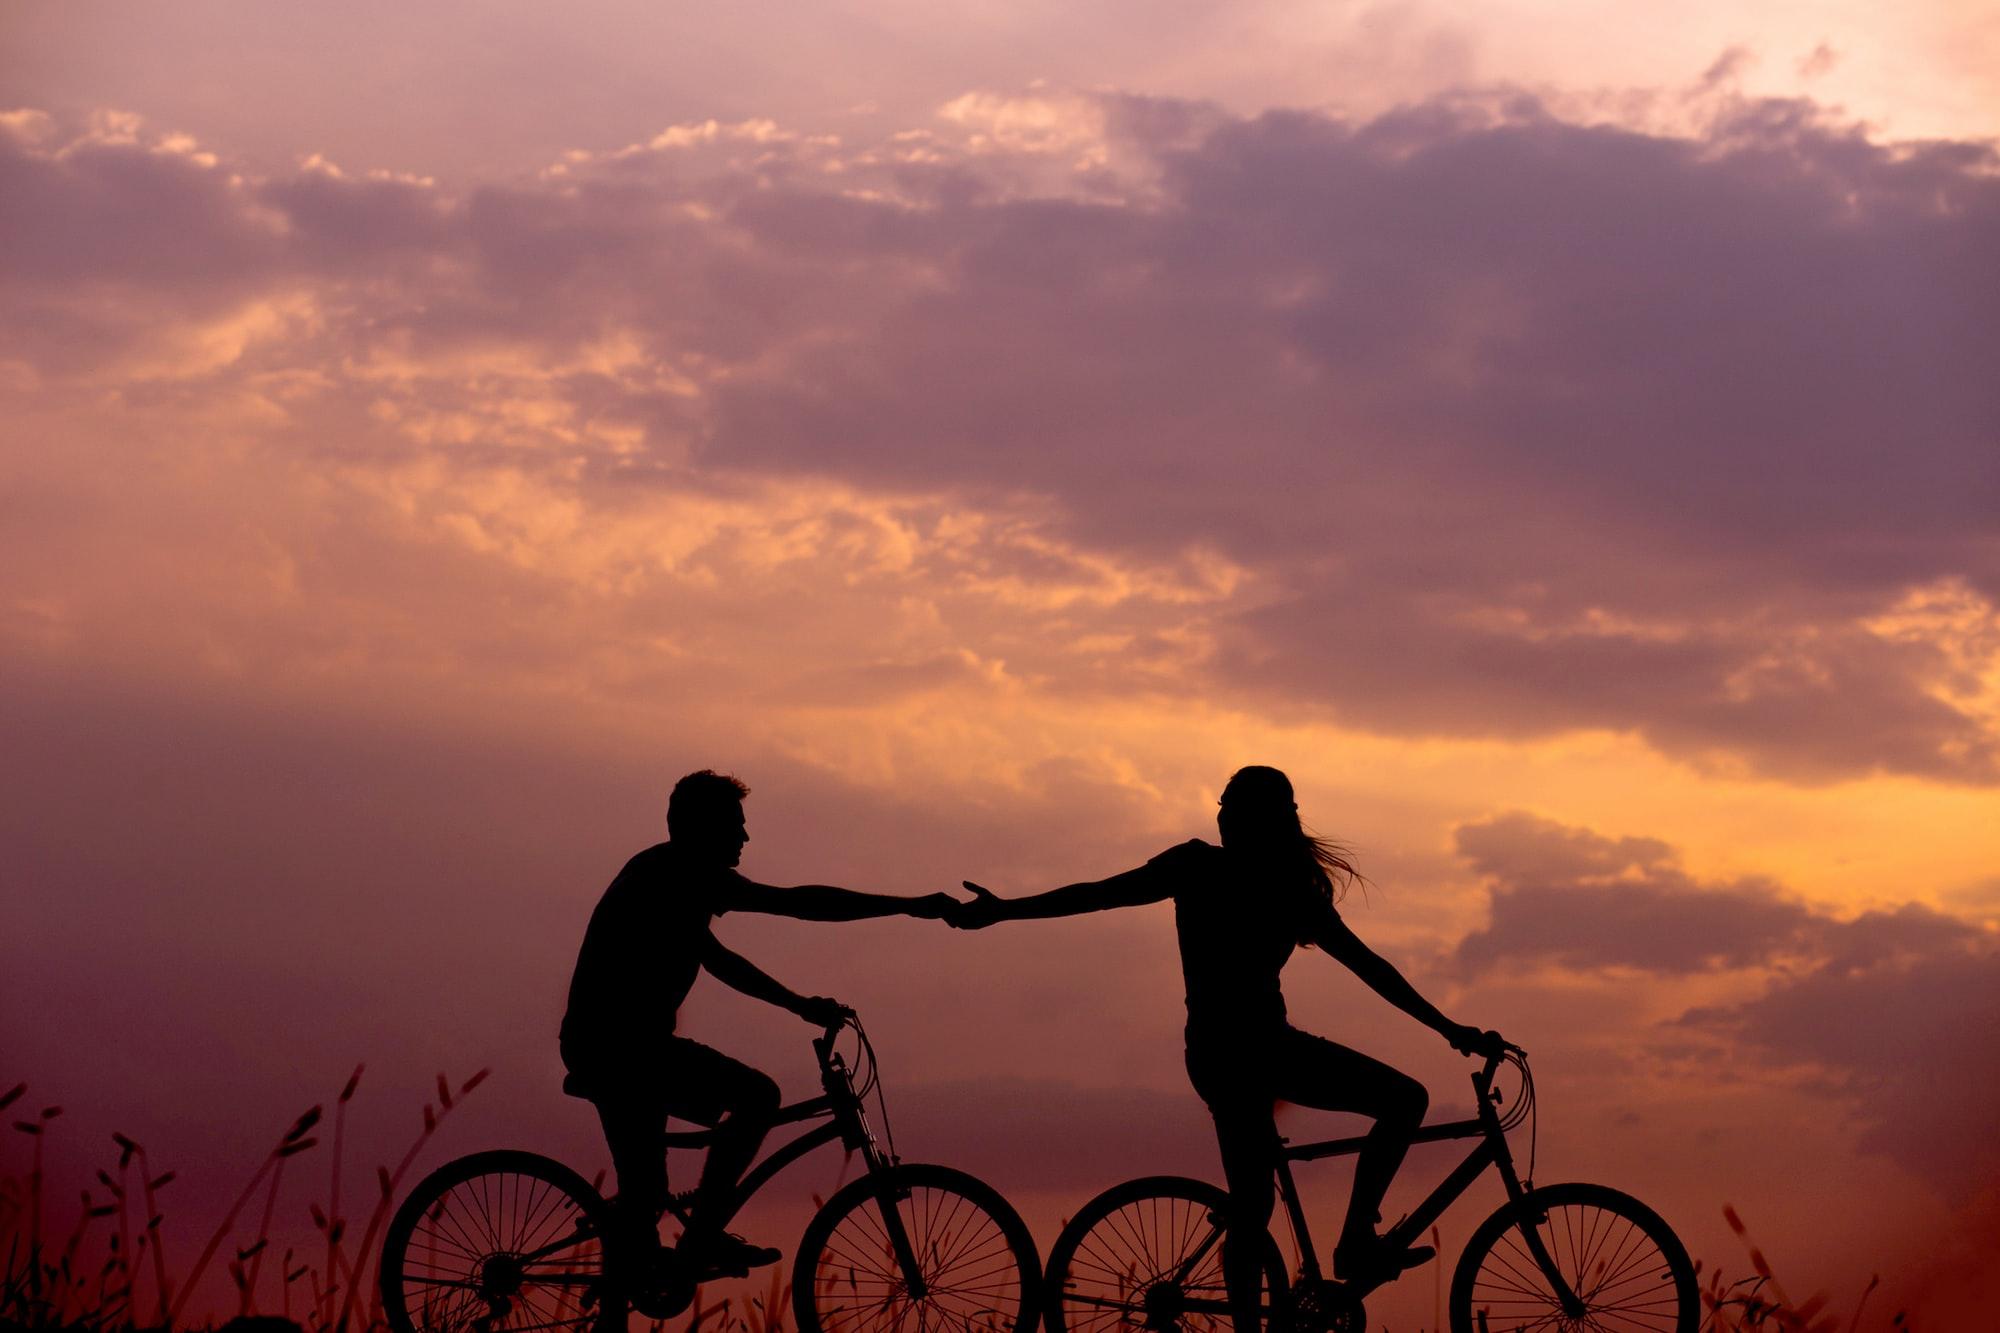 Déjalo ir y sigue adelante:  No puedes hacer que te ame al amarlo con más fuerza